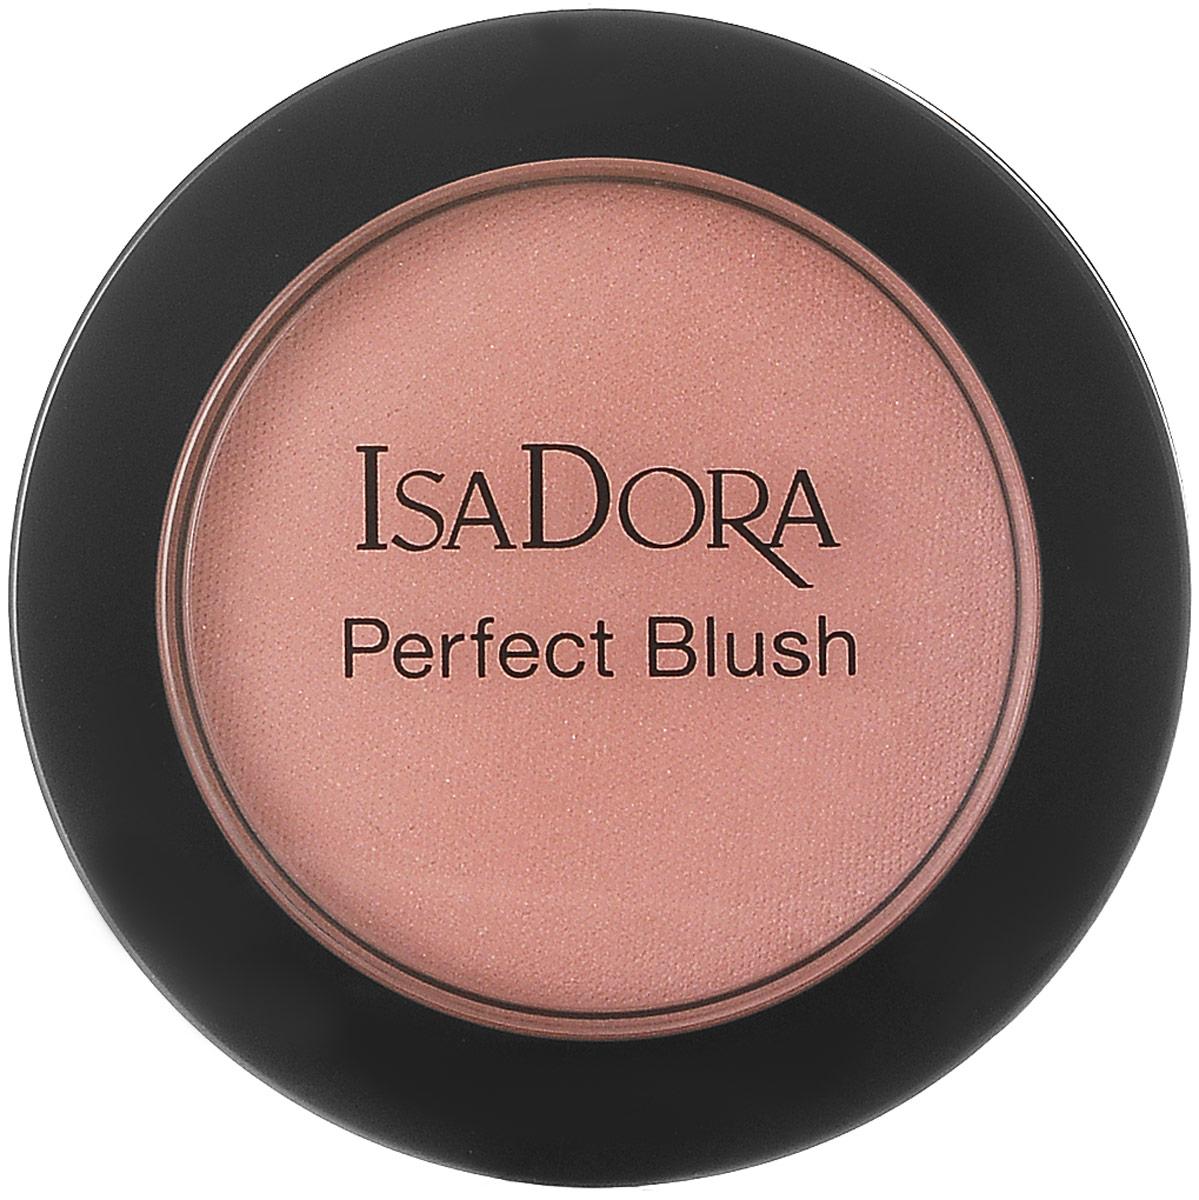 Isadora румяна Perfect blush 58 4,5гр1301207Нежные бархатистые румяна, устойчивые, насыщенная пигментами текстура, матовые и сияющие оттенки. Без отдушек. Клинически тестировано.